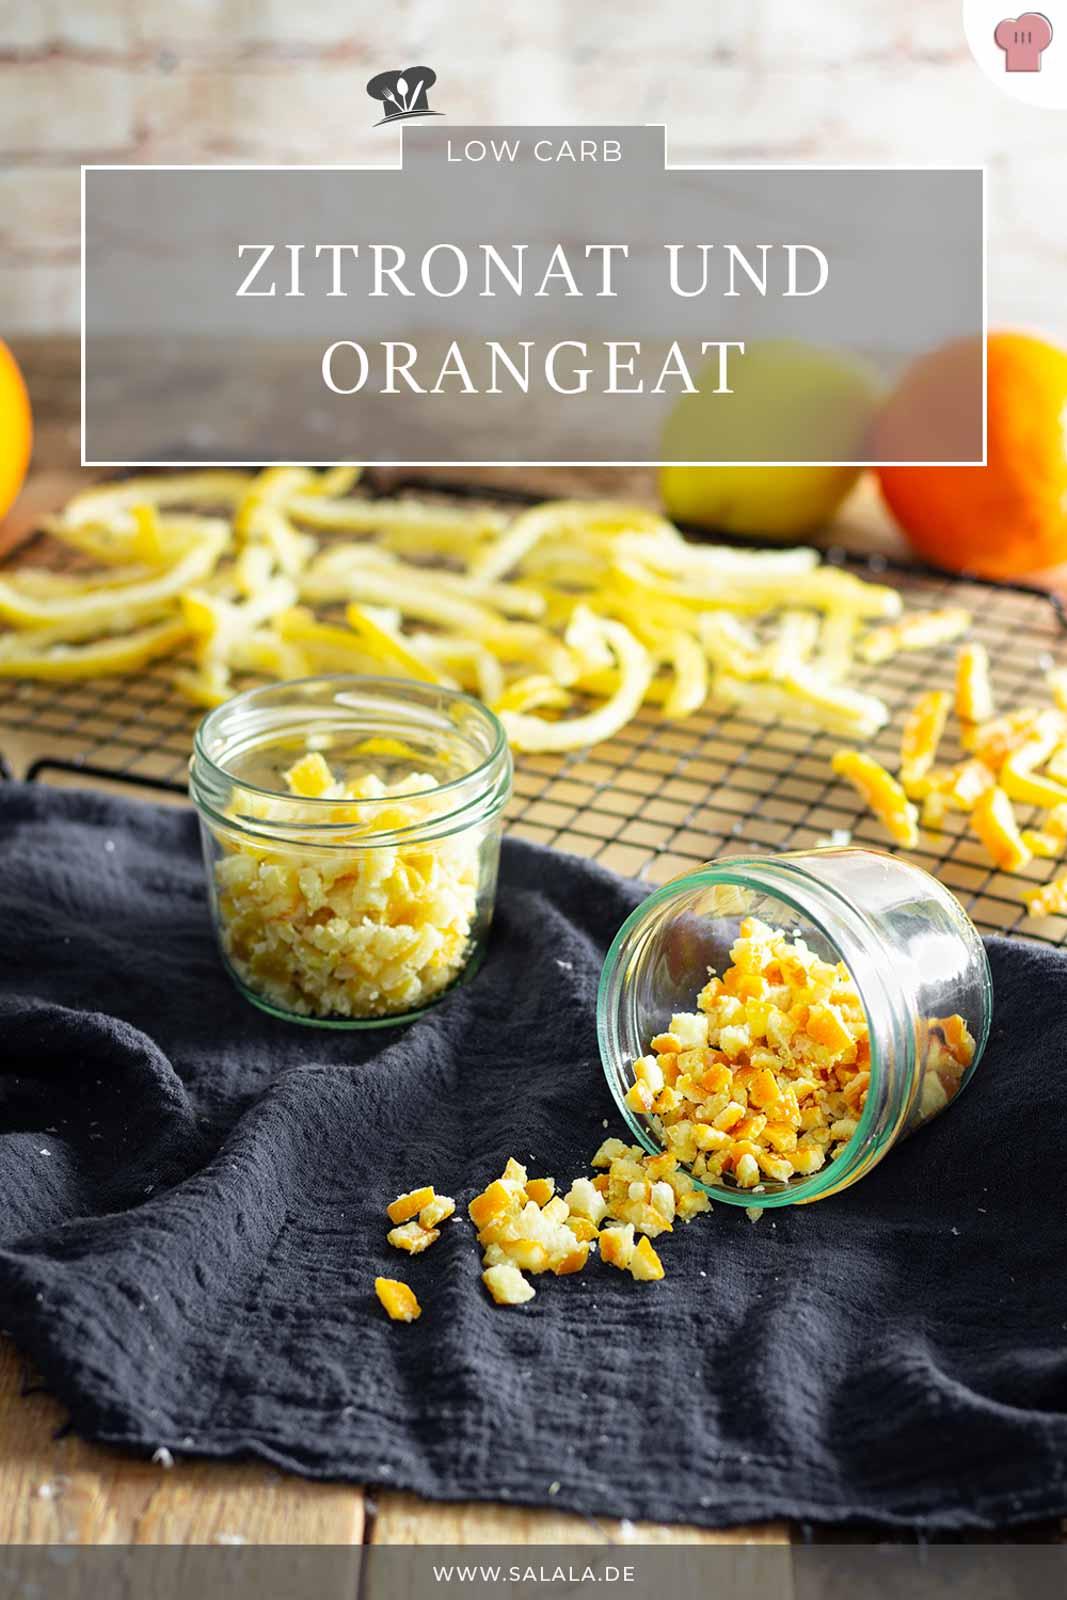 Orangeat und Zitronat sind zwei Hauptzutaten in der weihnachtlichen Lebkuchenbäckerei. Und du kannst Orangeat und Zitronat problemlos mit Xylit, also ganz ohne Zucker, selber machen. Das Rezept ist nicht schwer und geht auch ganz schnell. #zuckerfrei #orangeat #zitronat #selbermachen #zitronatohnezucker #orangeatohnezucker #lowcarbzitronat #lowcarborangeat